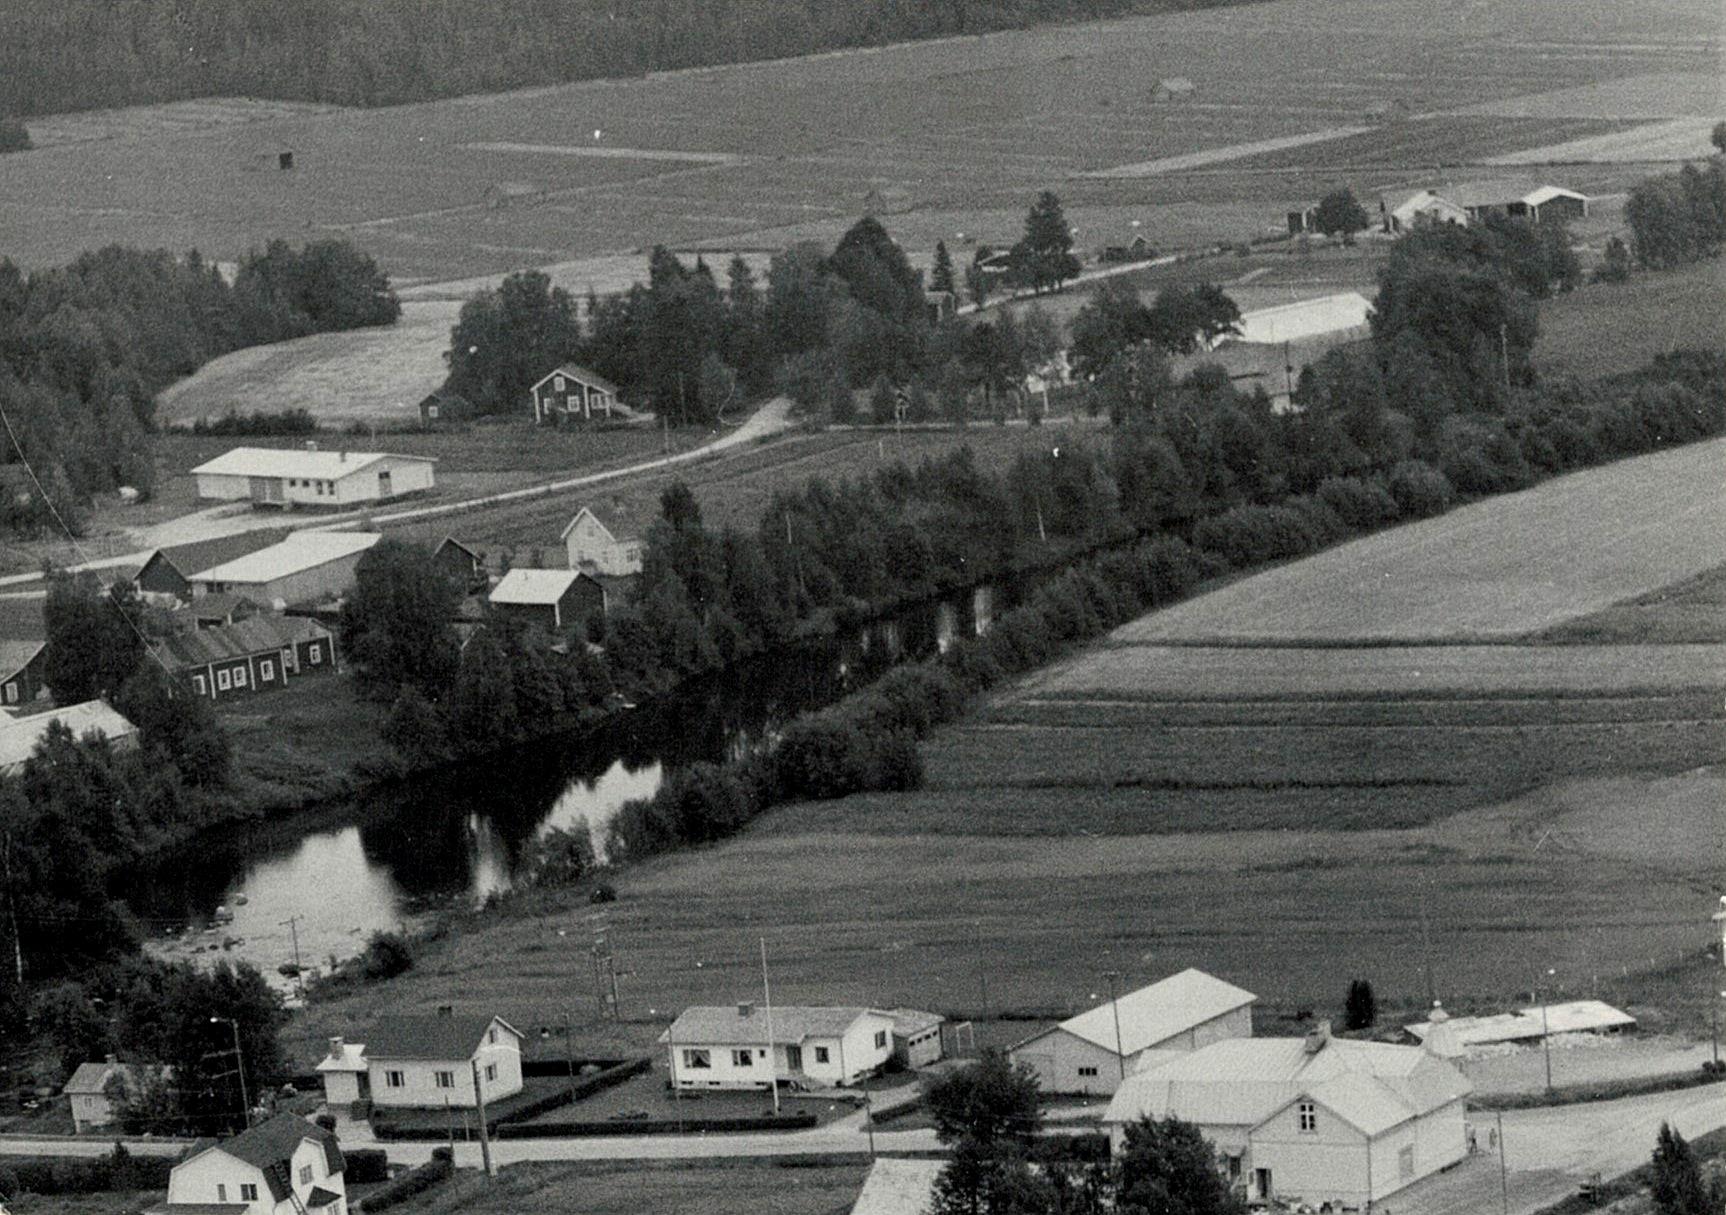 På flygfotot från 1972 syns Backlundas gamla gård till vänster på A-sidon. Bakom gården syns Lappfjärds Potatis förpackningshall som byggdes 1965 och till höger om den Nylundas-Idas lillstuga. Längst nere till höger syns husgrunden till det nedbrunna sparbankshuset.